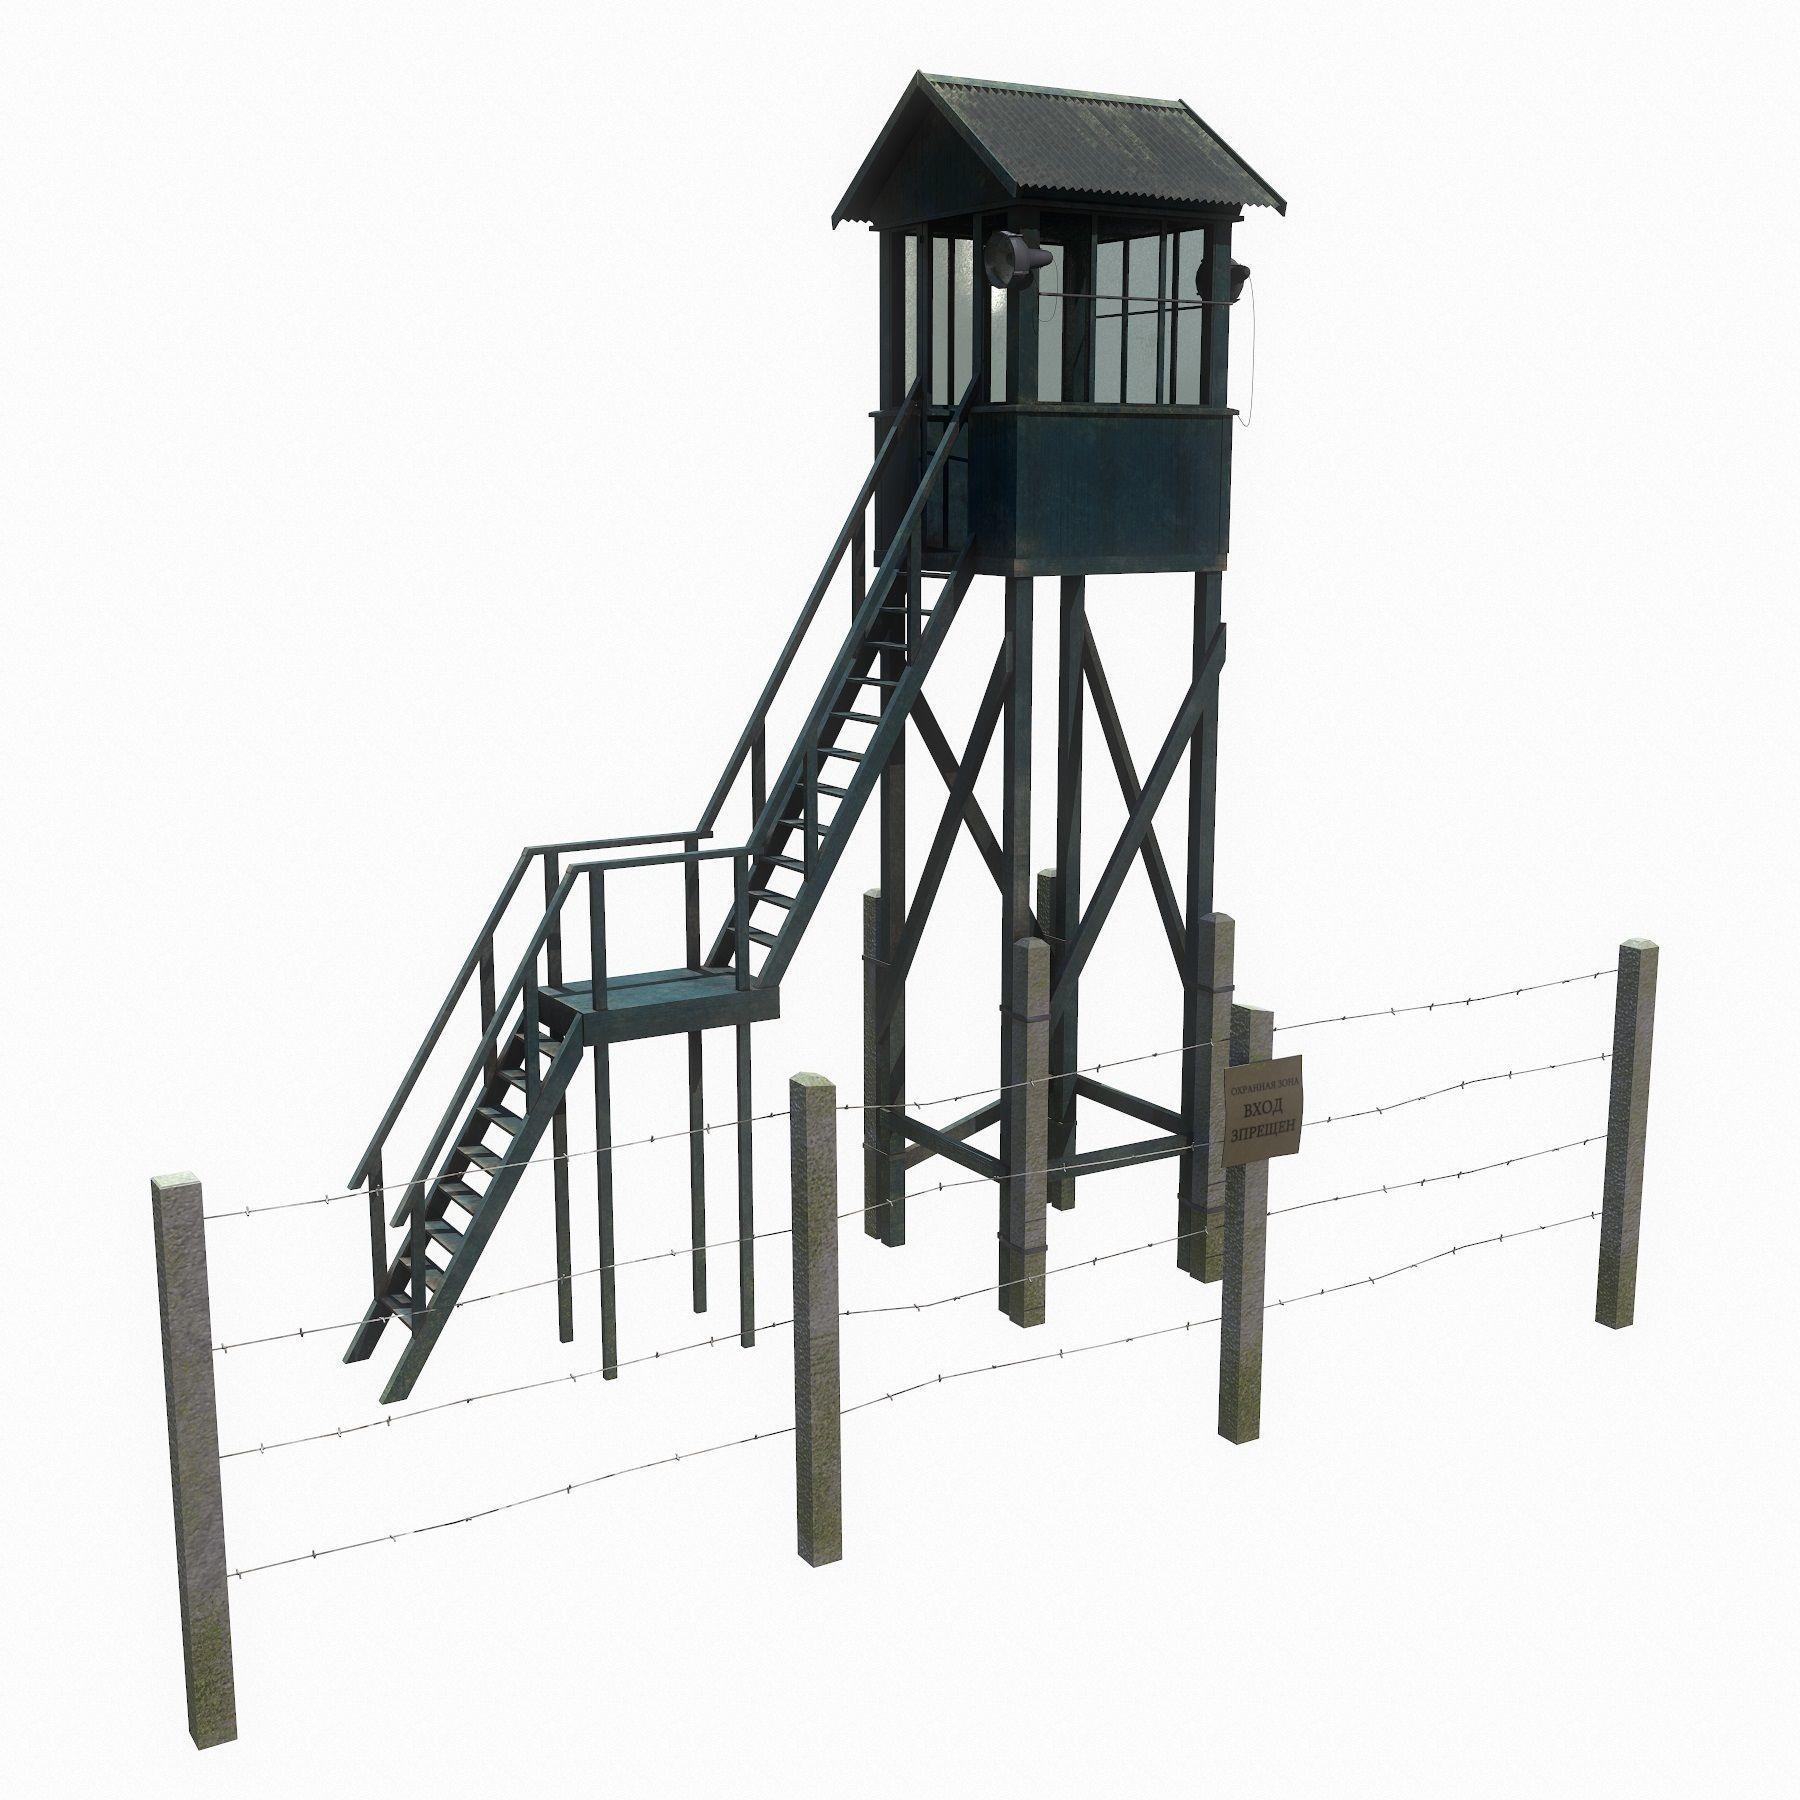 Soviet tower